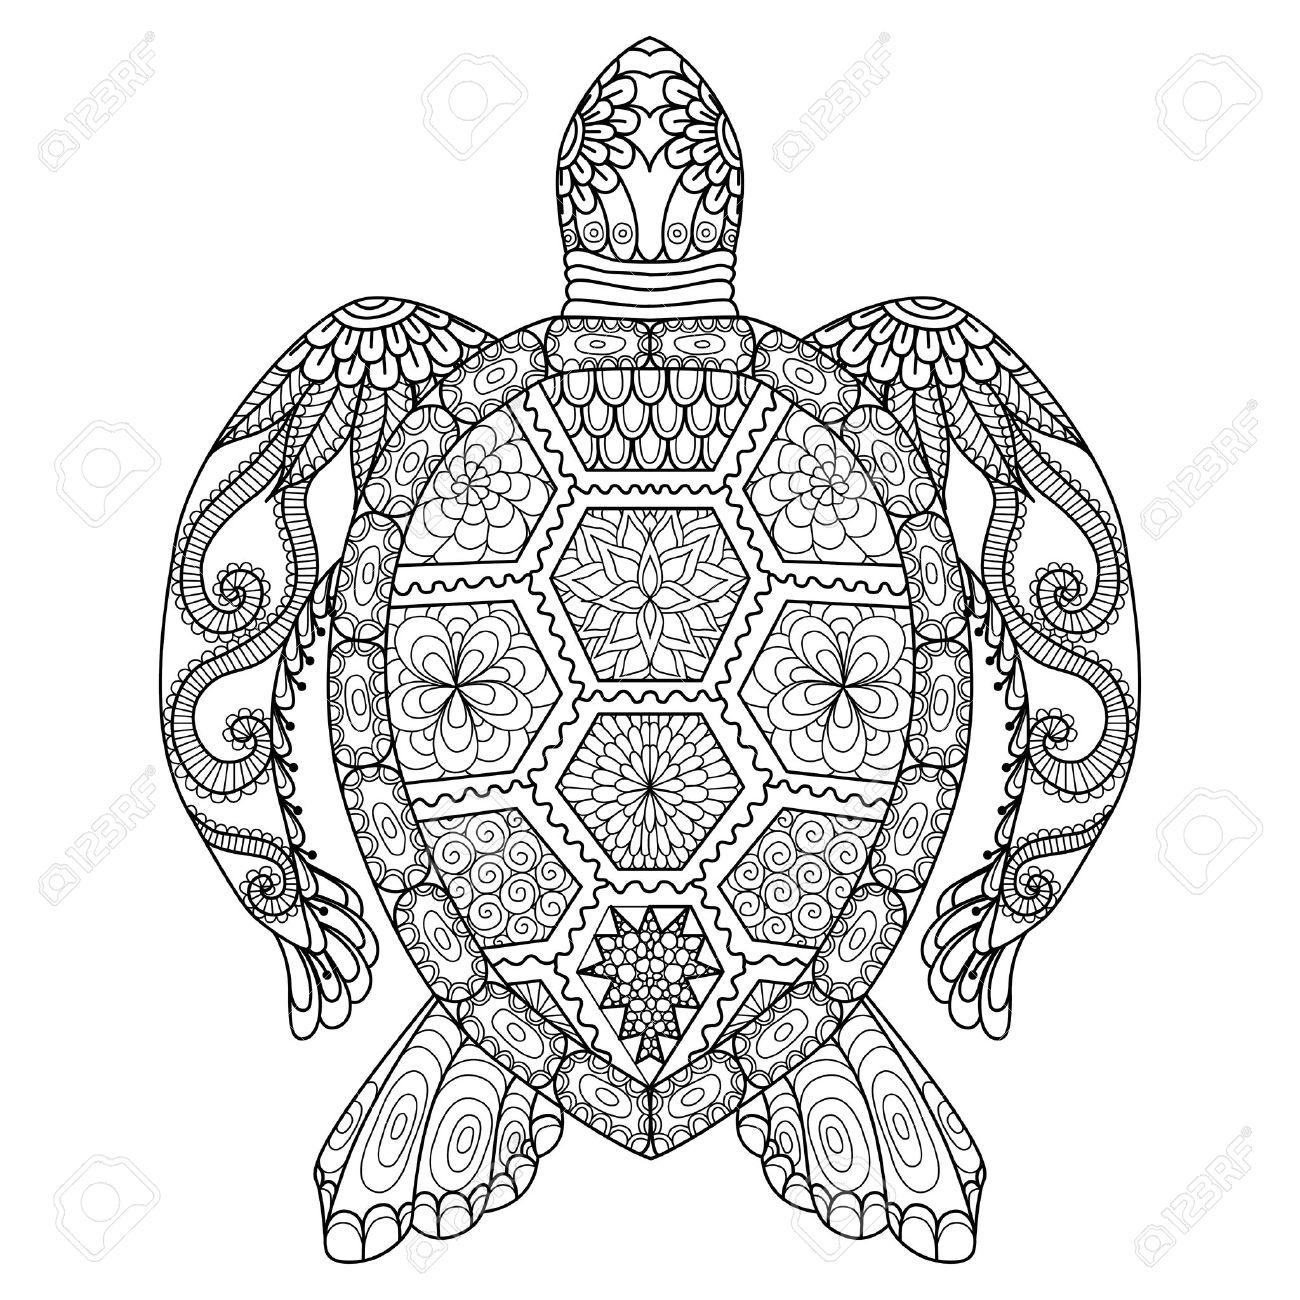 Zeichnung Zentangle Turtle Fur Malvorlagen Shirt Design Effekt